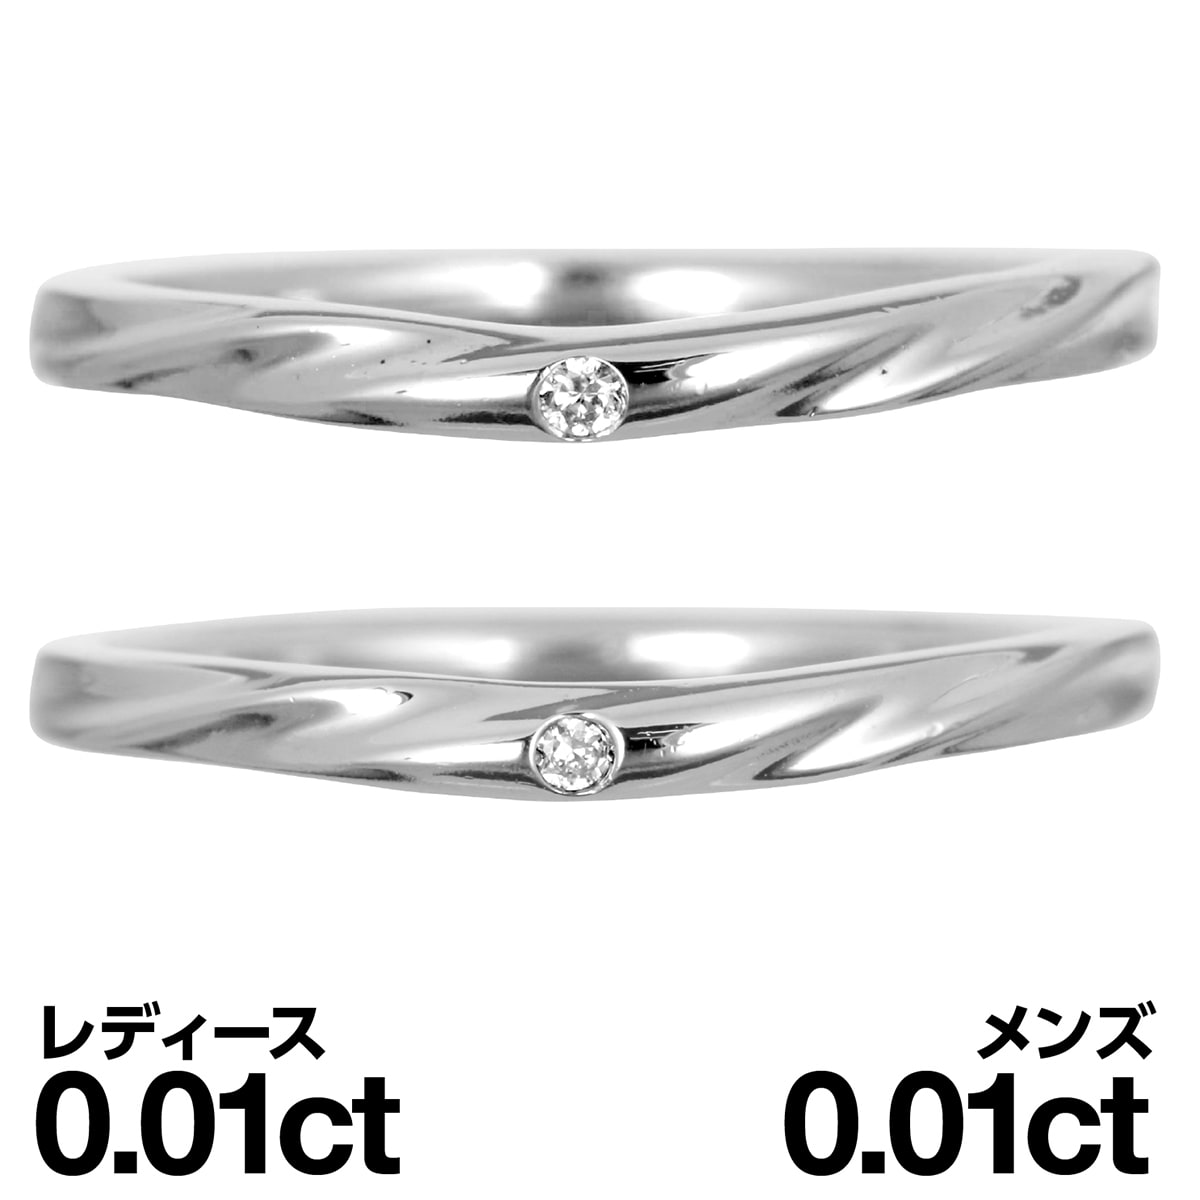 品質保証書 プラチナ900 金属アレルギー ギフト プレゼント 日本製 母の日 2021 【smtb-s】 マリッジリング 結婚指輪 2本セット 天然ダイヤ 新生活 ダイヤモンド